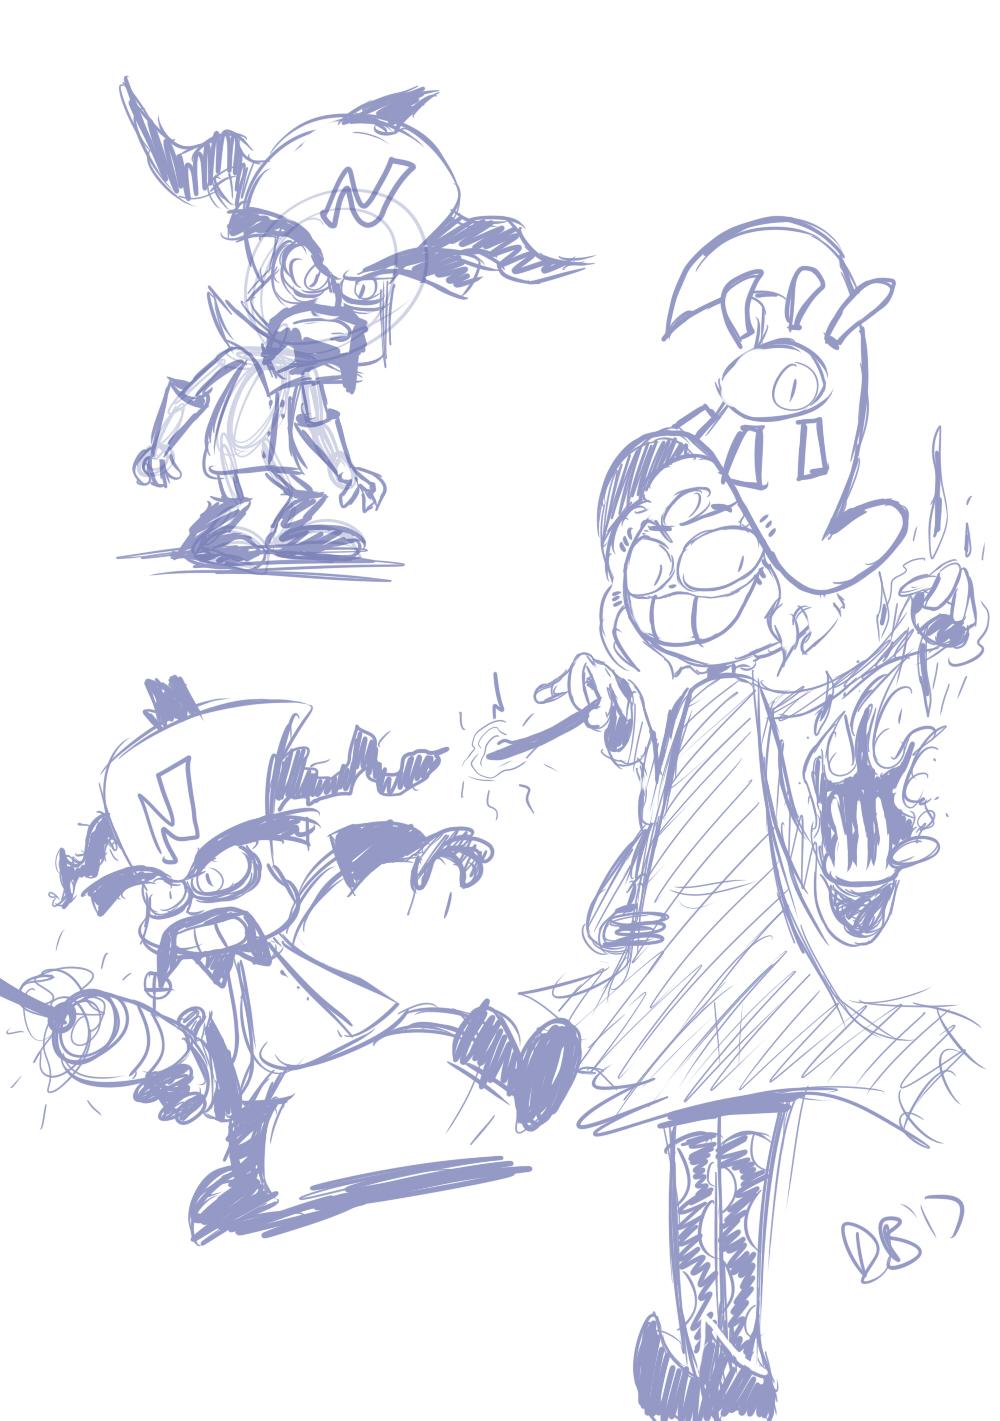 1971982_149379193463_sketchs-050117.jpg